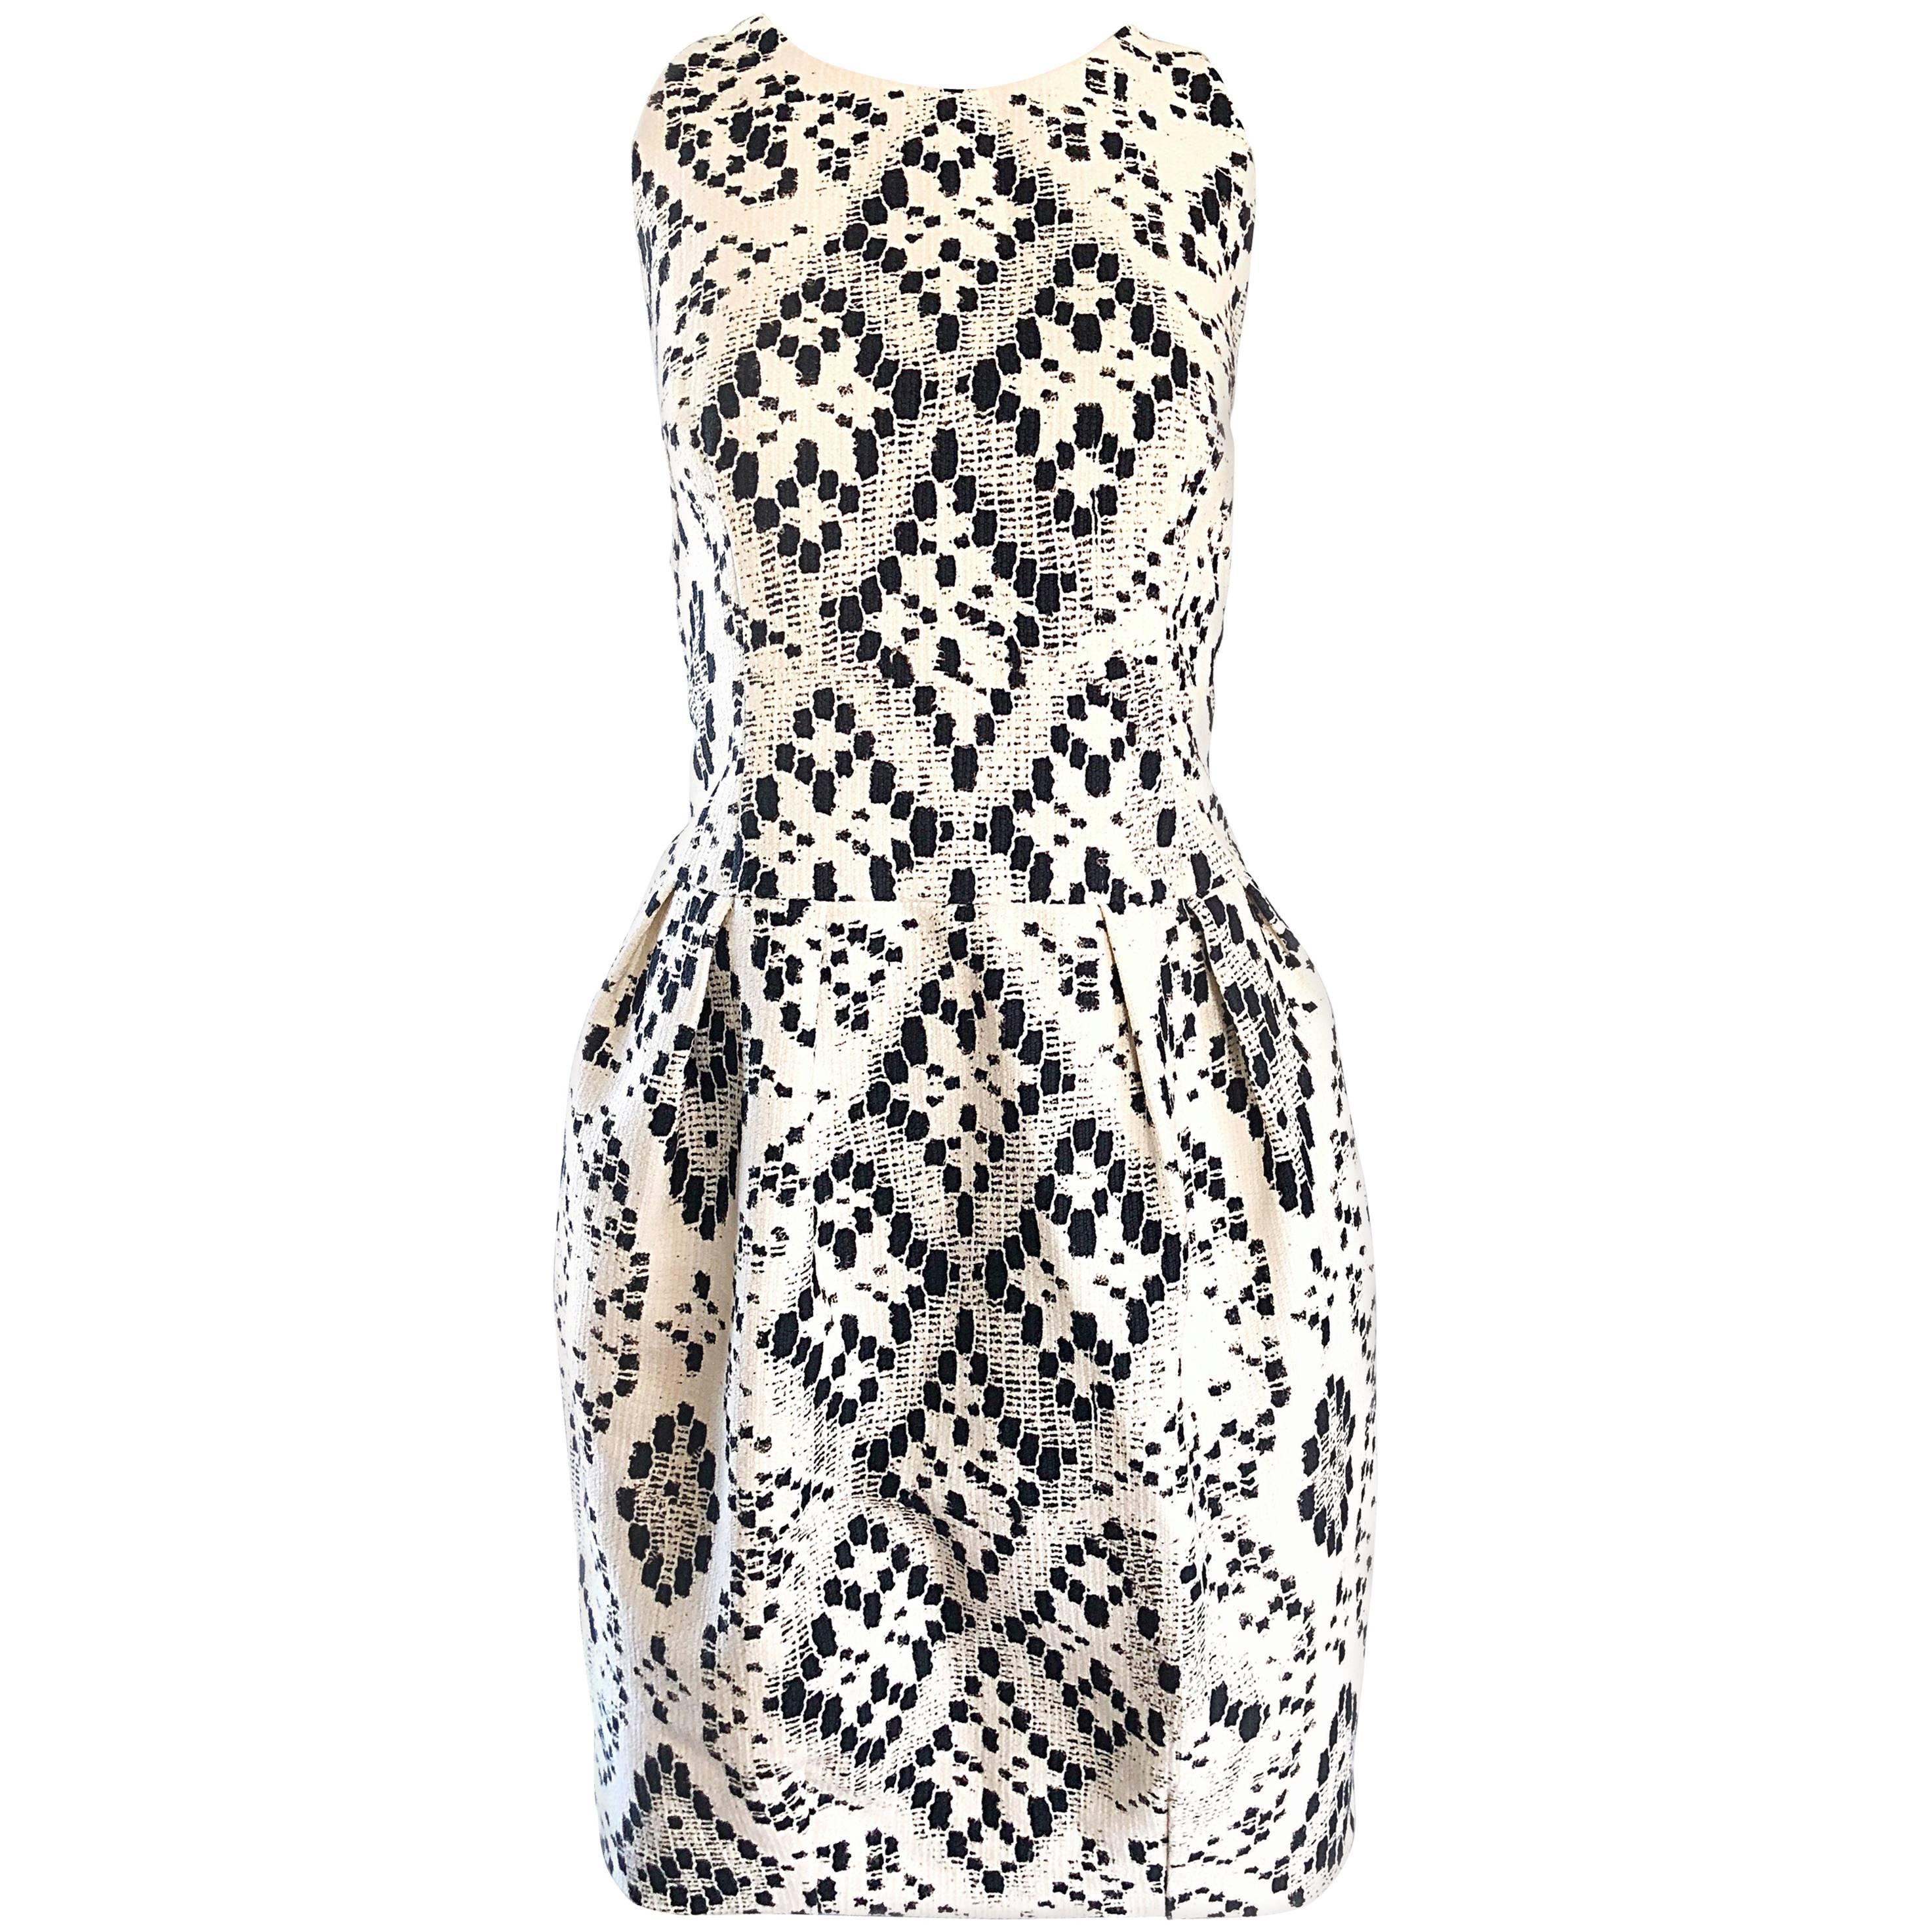 Giambattista Valli Size 10 / 12 Black and White Abstract Sleeveless Dress